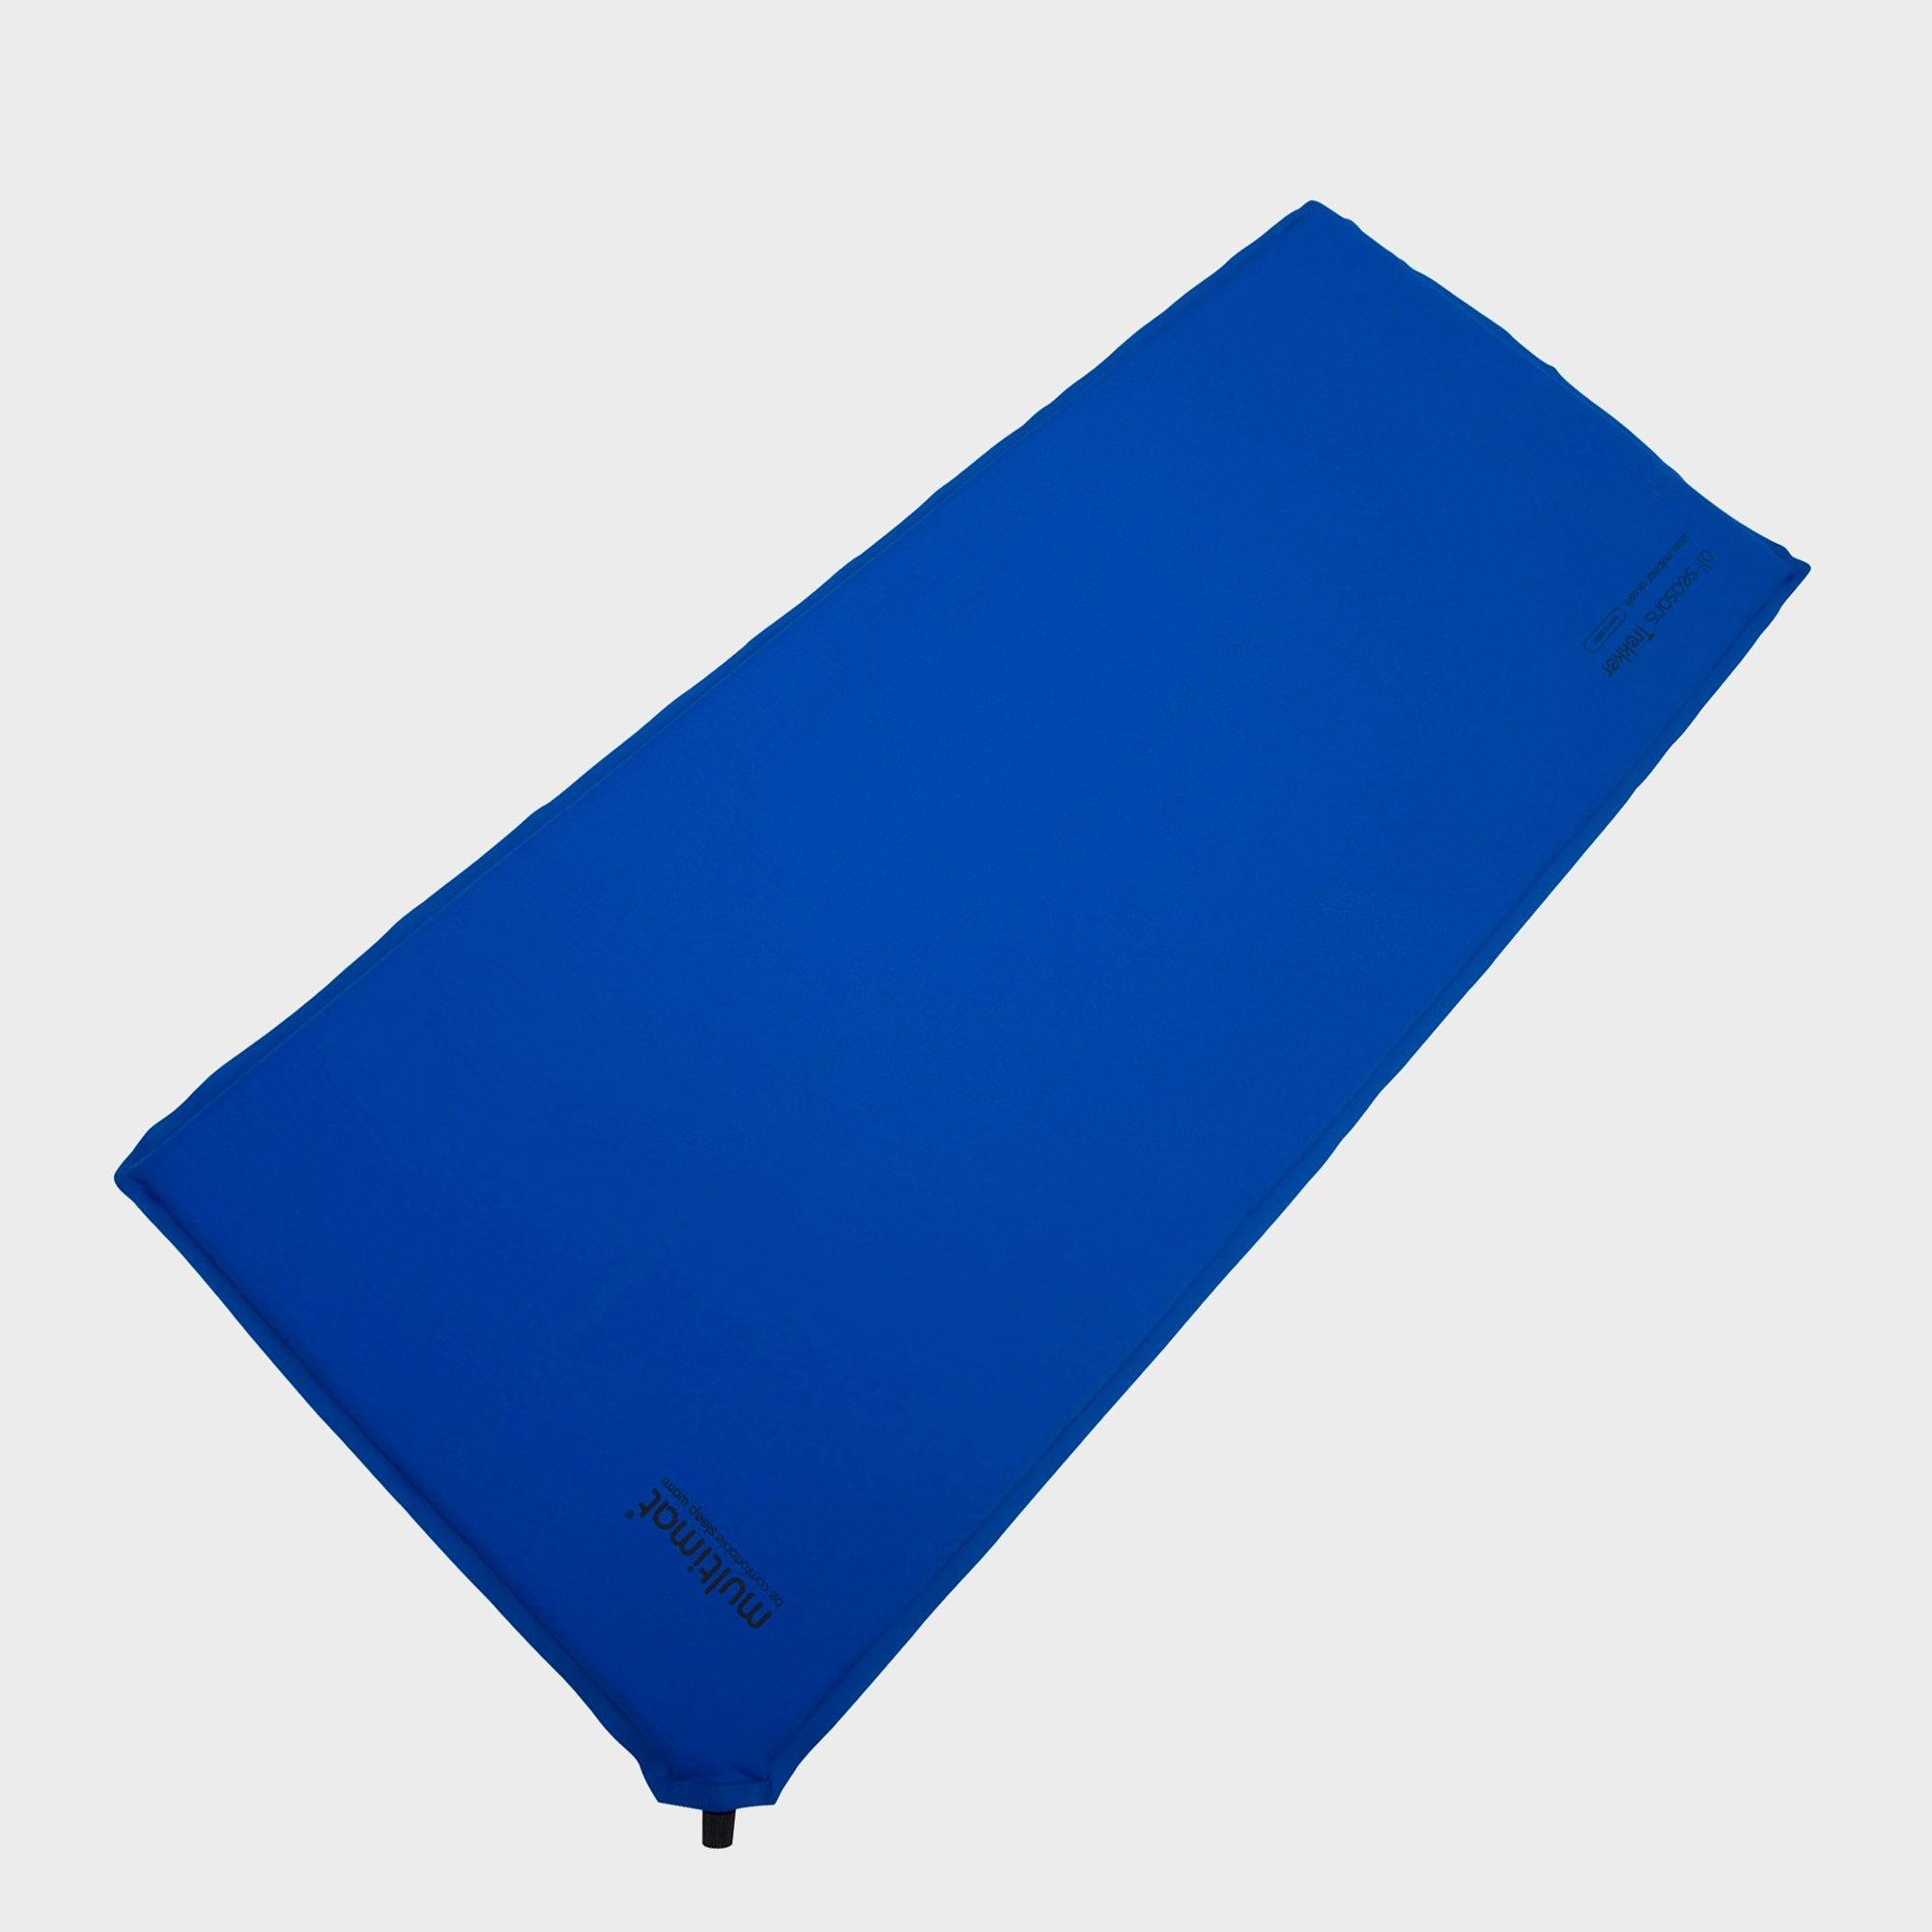 Multimat Trekker Compact 25 Self Inflating Sleeping Mat (small) - Blue  Blue